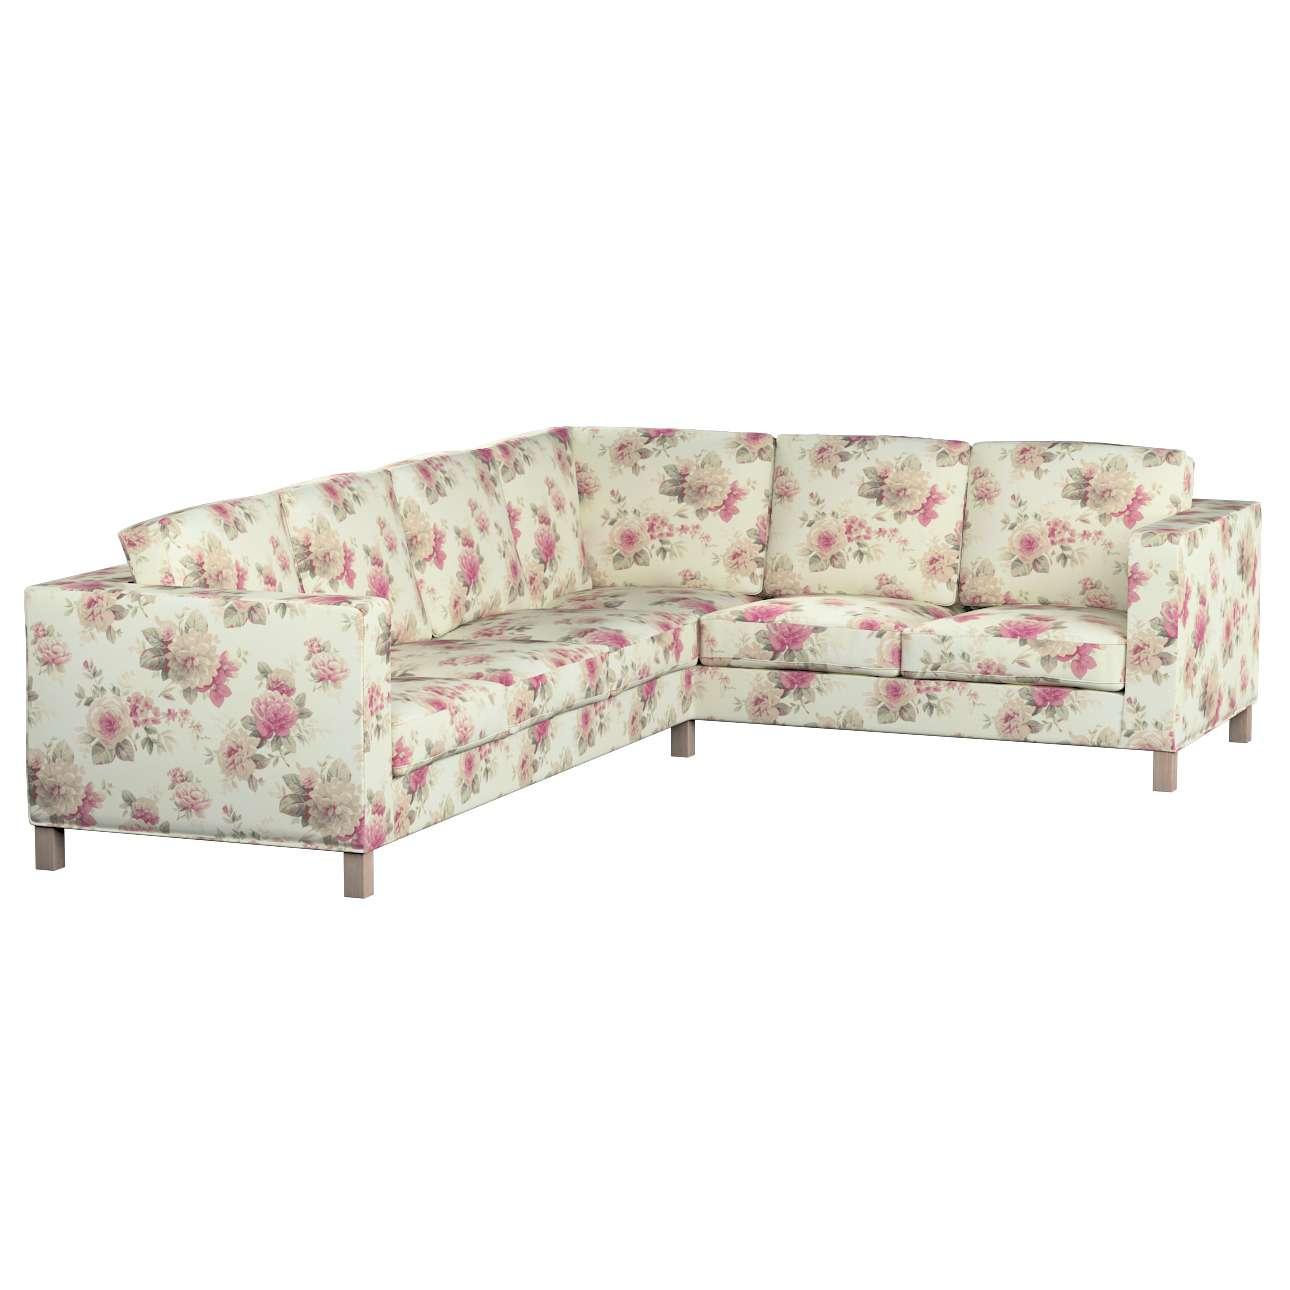 Pokrowiec na sofę narożną lewostronną Karlanda Sofa narożna lewostronna Karlanda w kolekcji Mirella, tkanina: 141-07